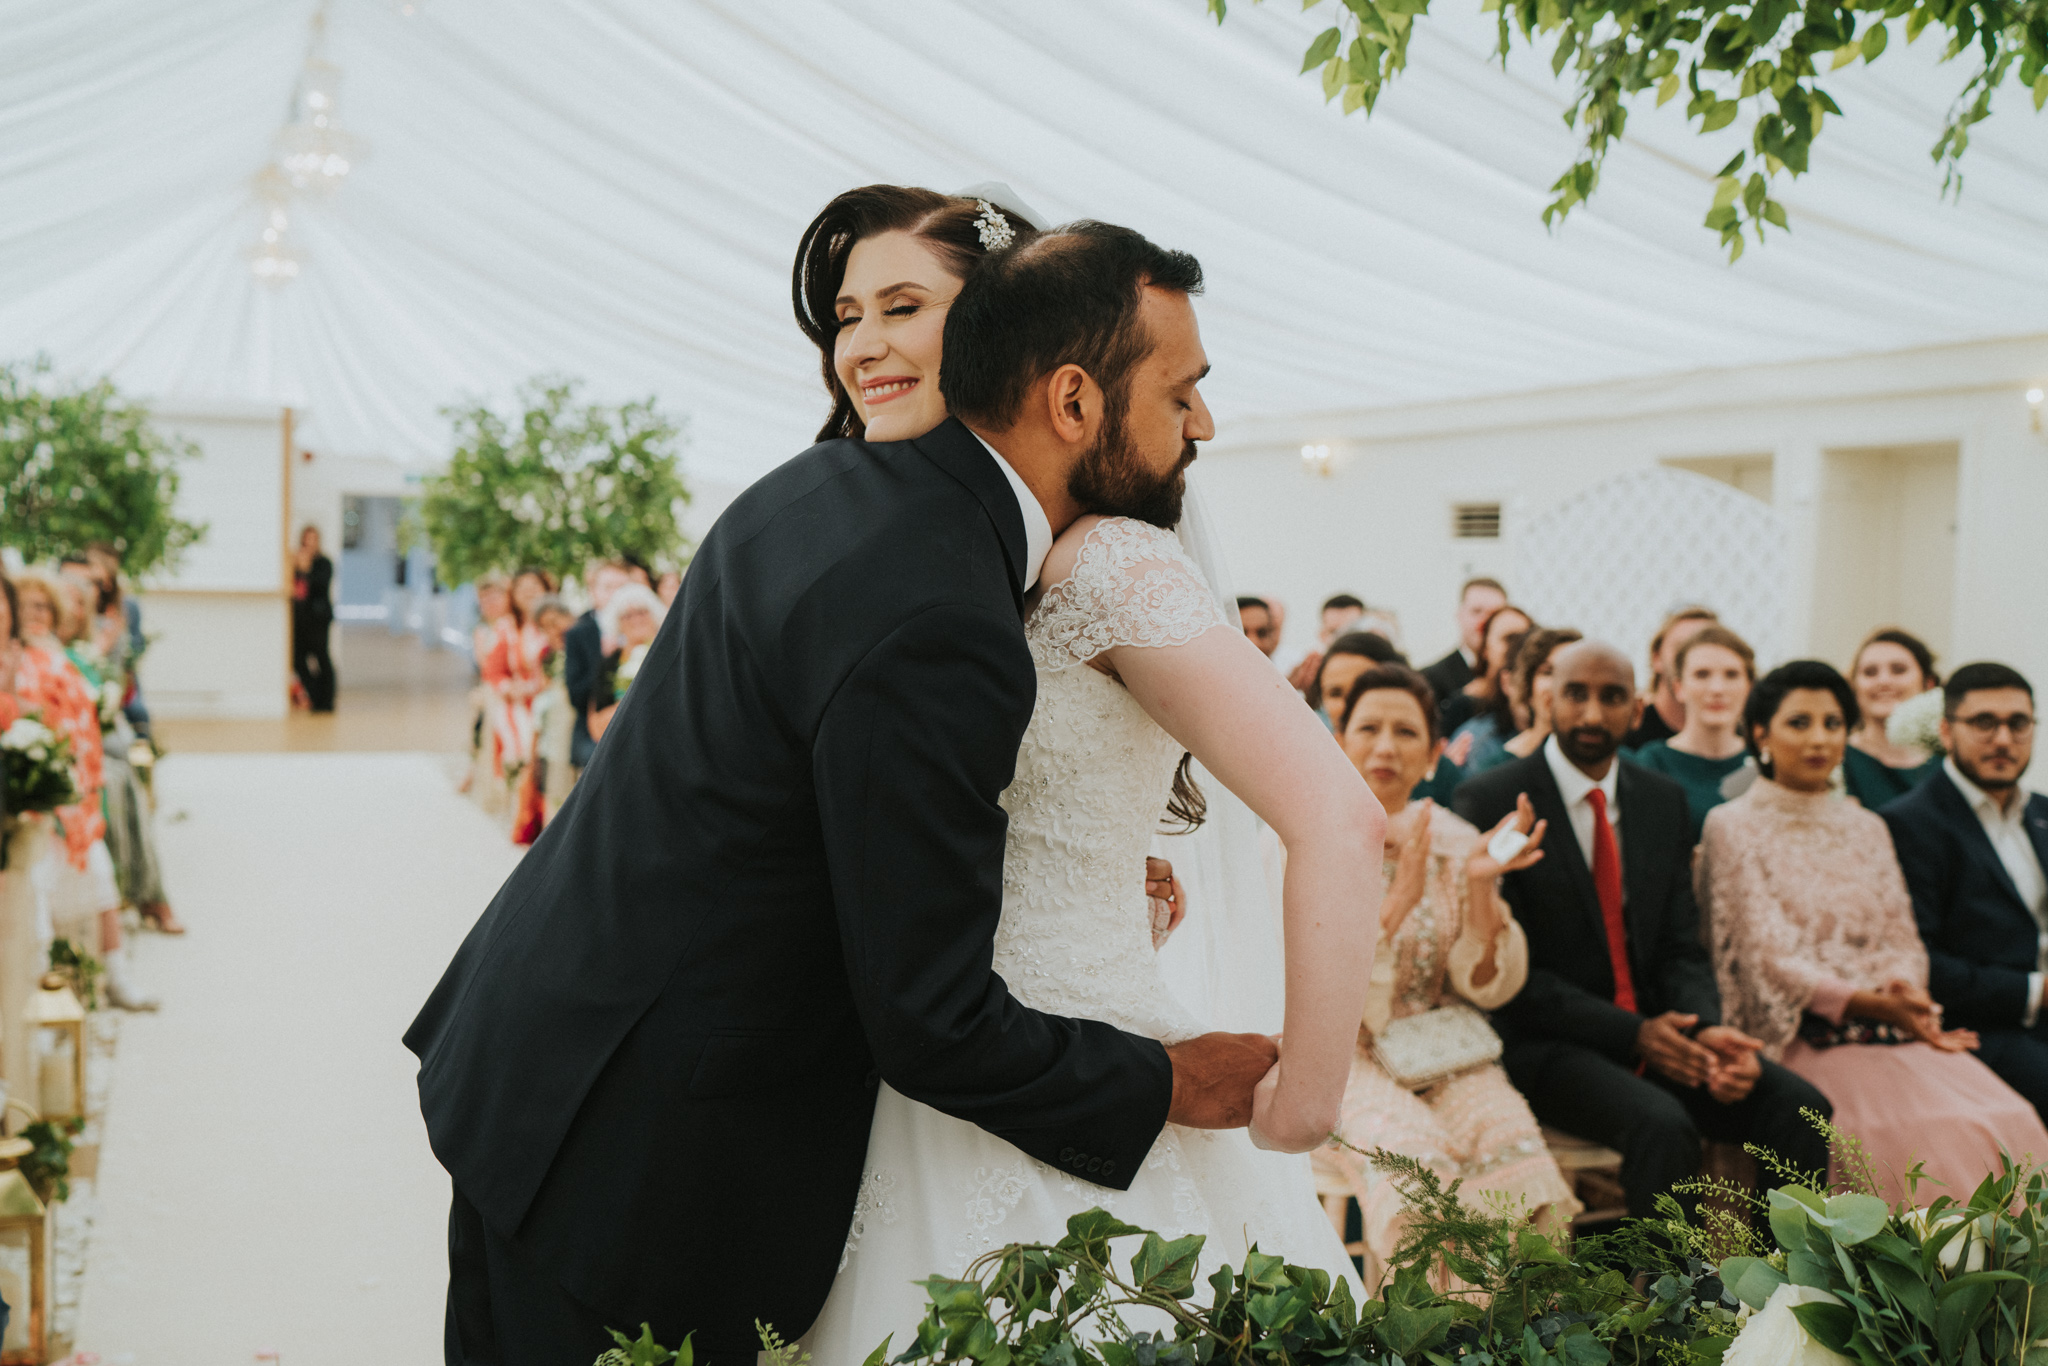 lizzie-faz-fennes-asian-fusion-wedding-grace-elizabeth-colchester-essex-alternative-wedding-lifestyle-photographer-essex-suffolk-norfolk-devon (27 of 55).jpg